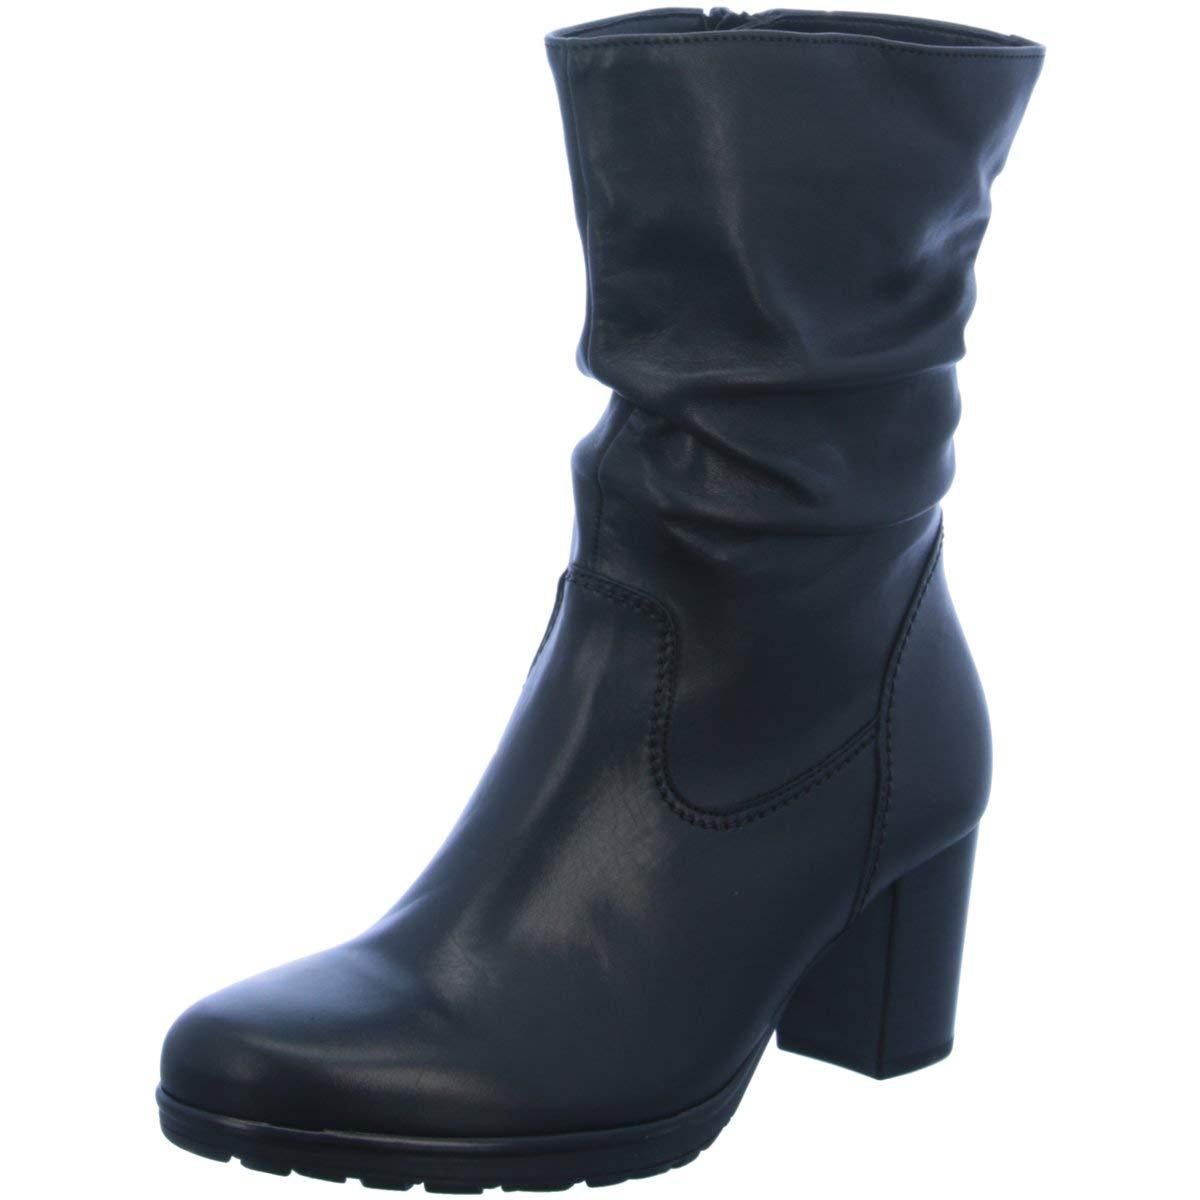 Gabor Damen Stiefel 95.544.87 schwarz 573722  | Schön und charmant